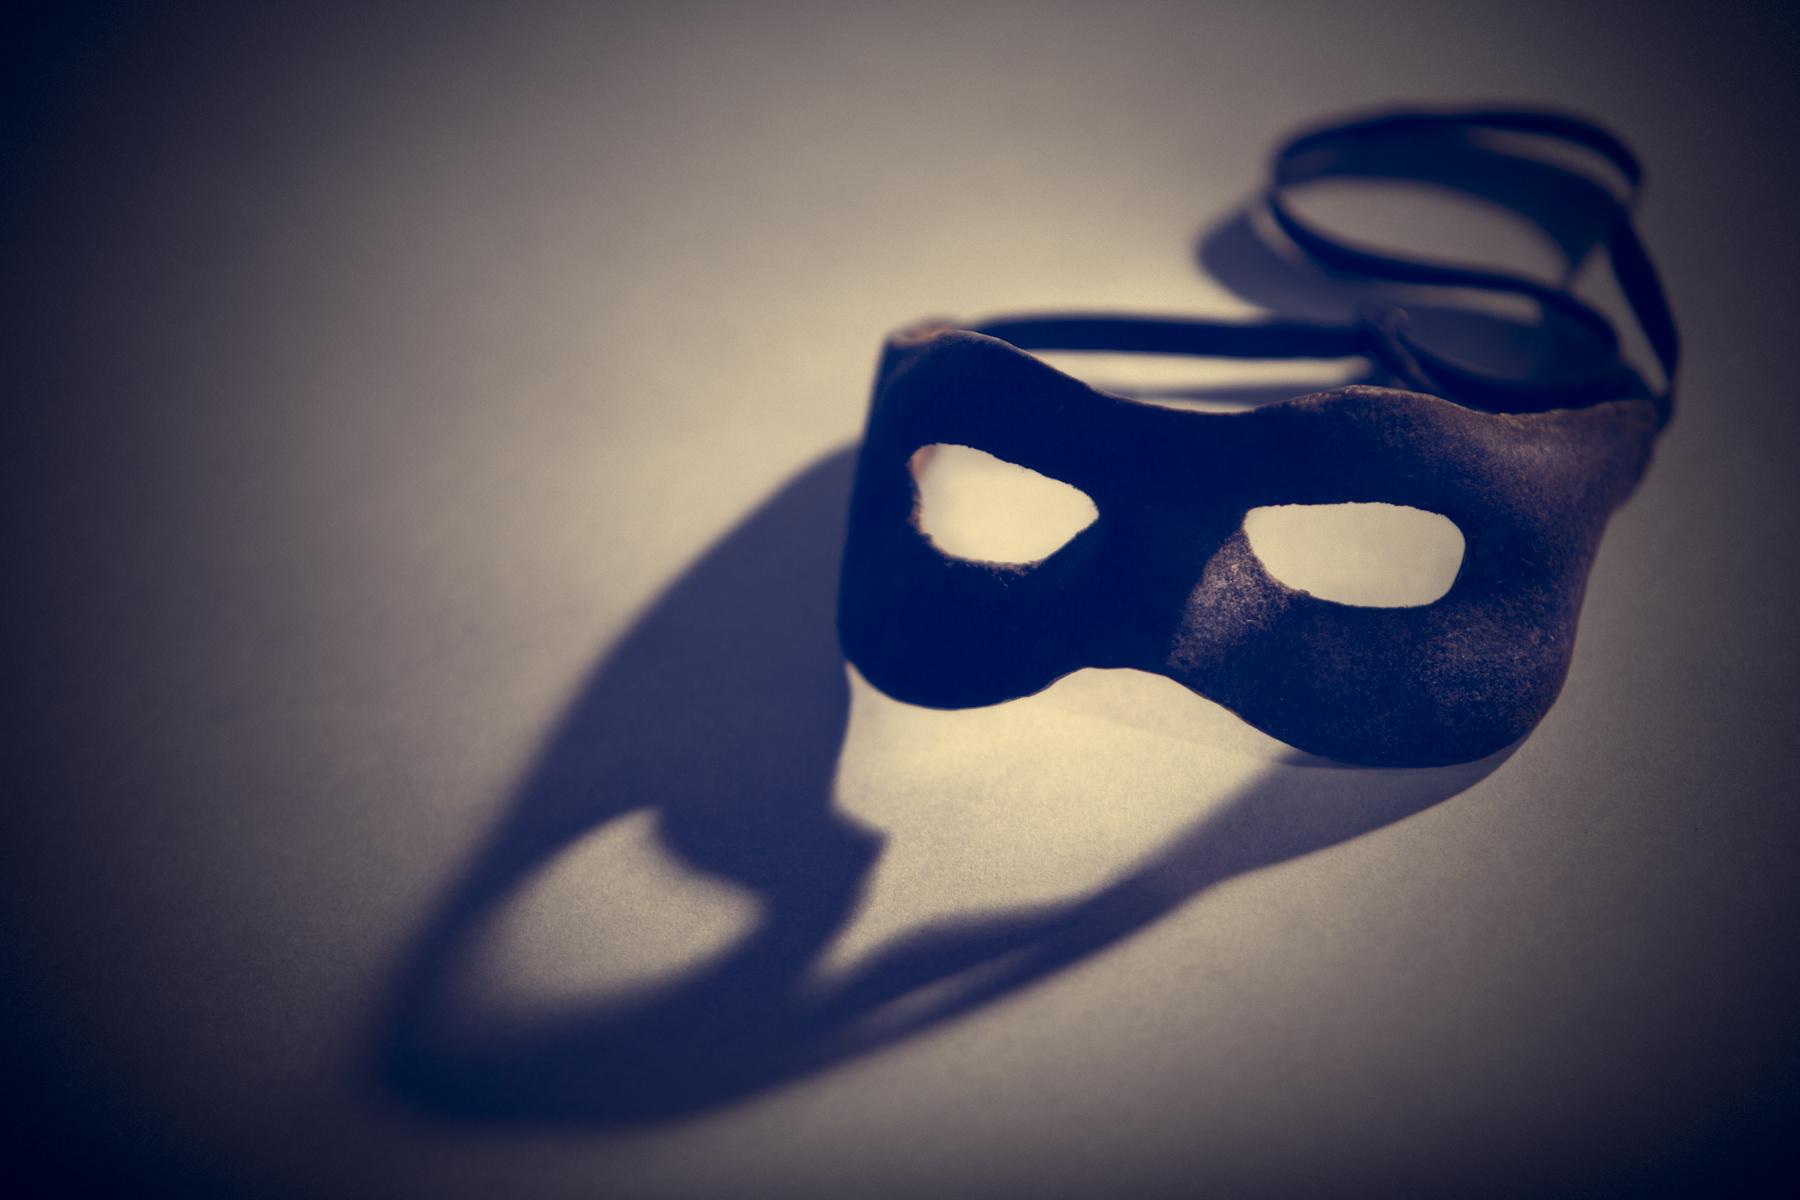 Smithsonian - Lone Ranger Mask